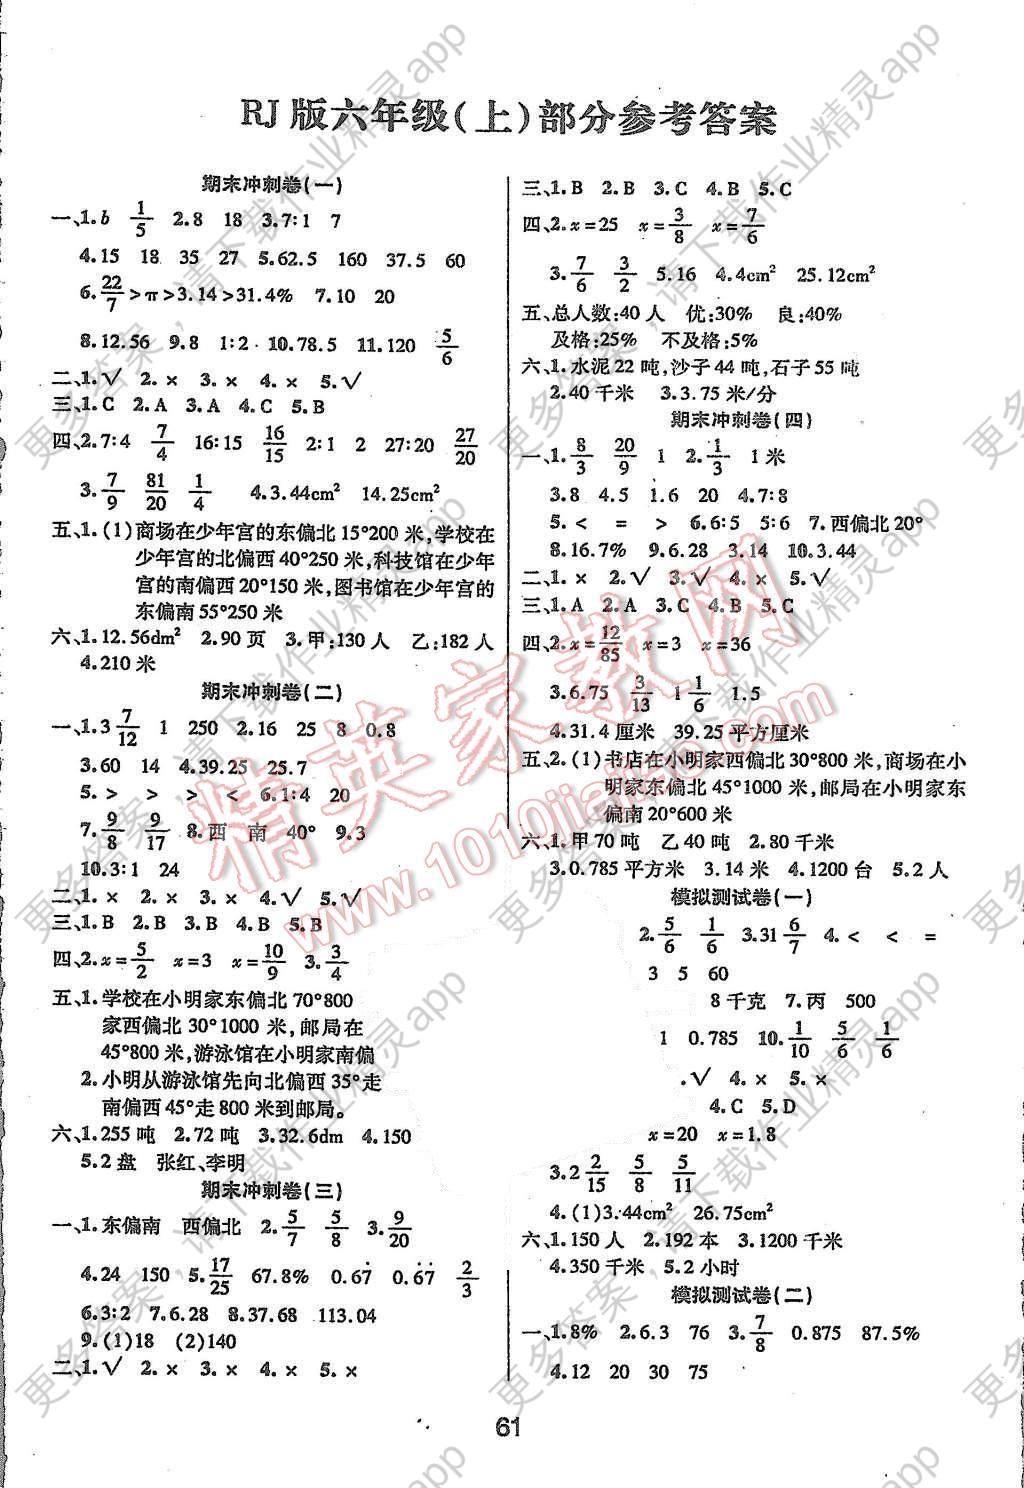 2015年期末大盘点六年级数学上册人教版答案